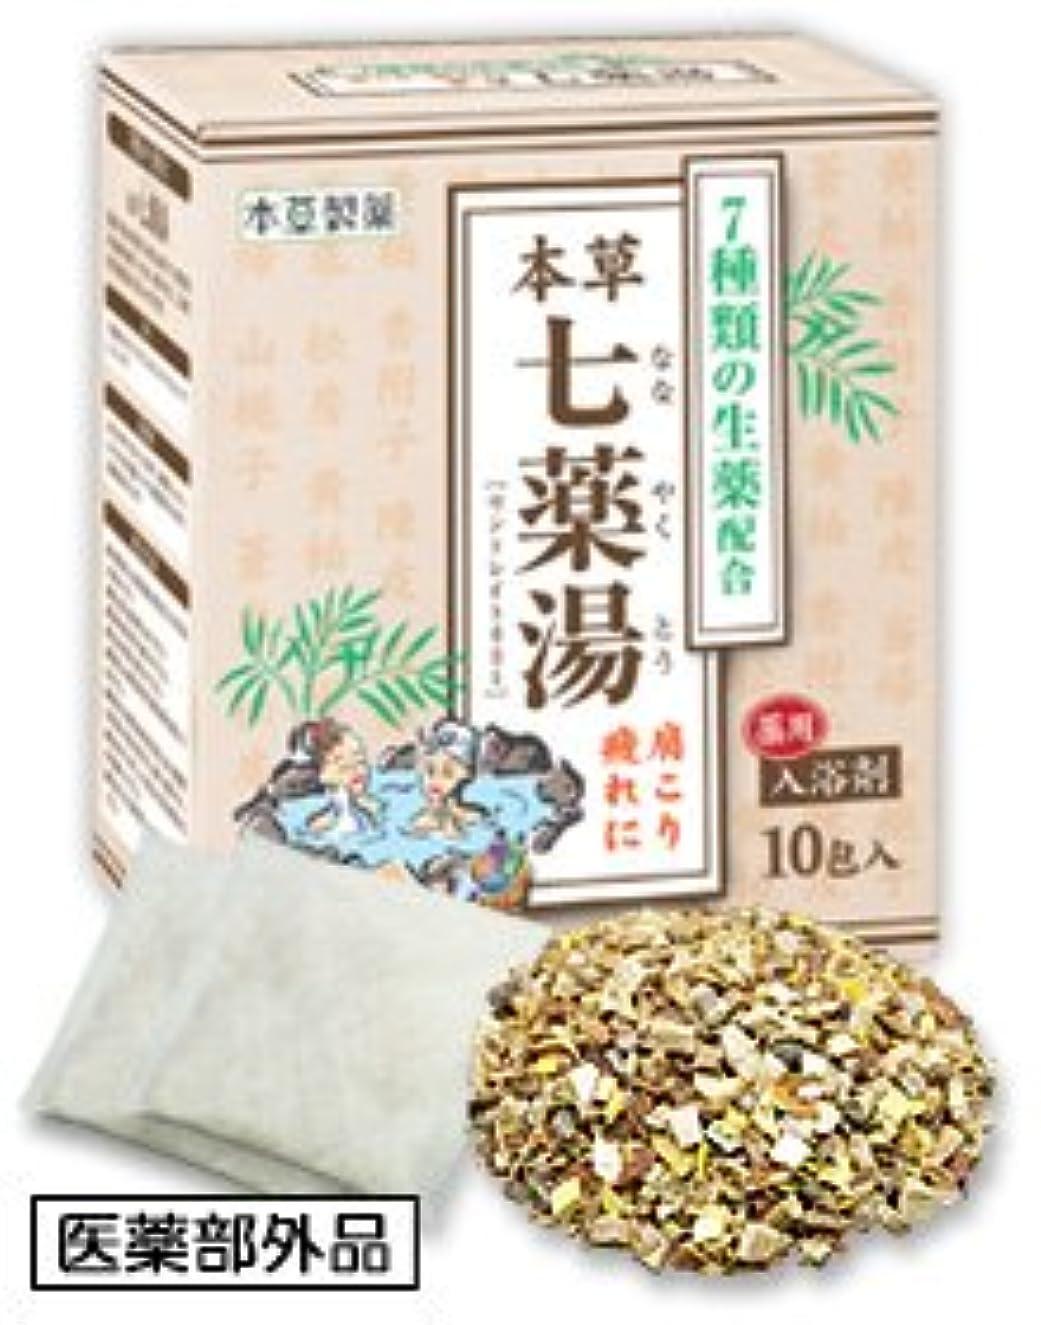 【AFC公式ショップ】7種類の生薬配合 本草七薬湯